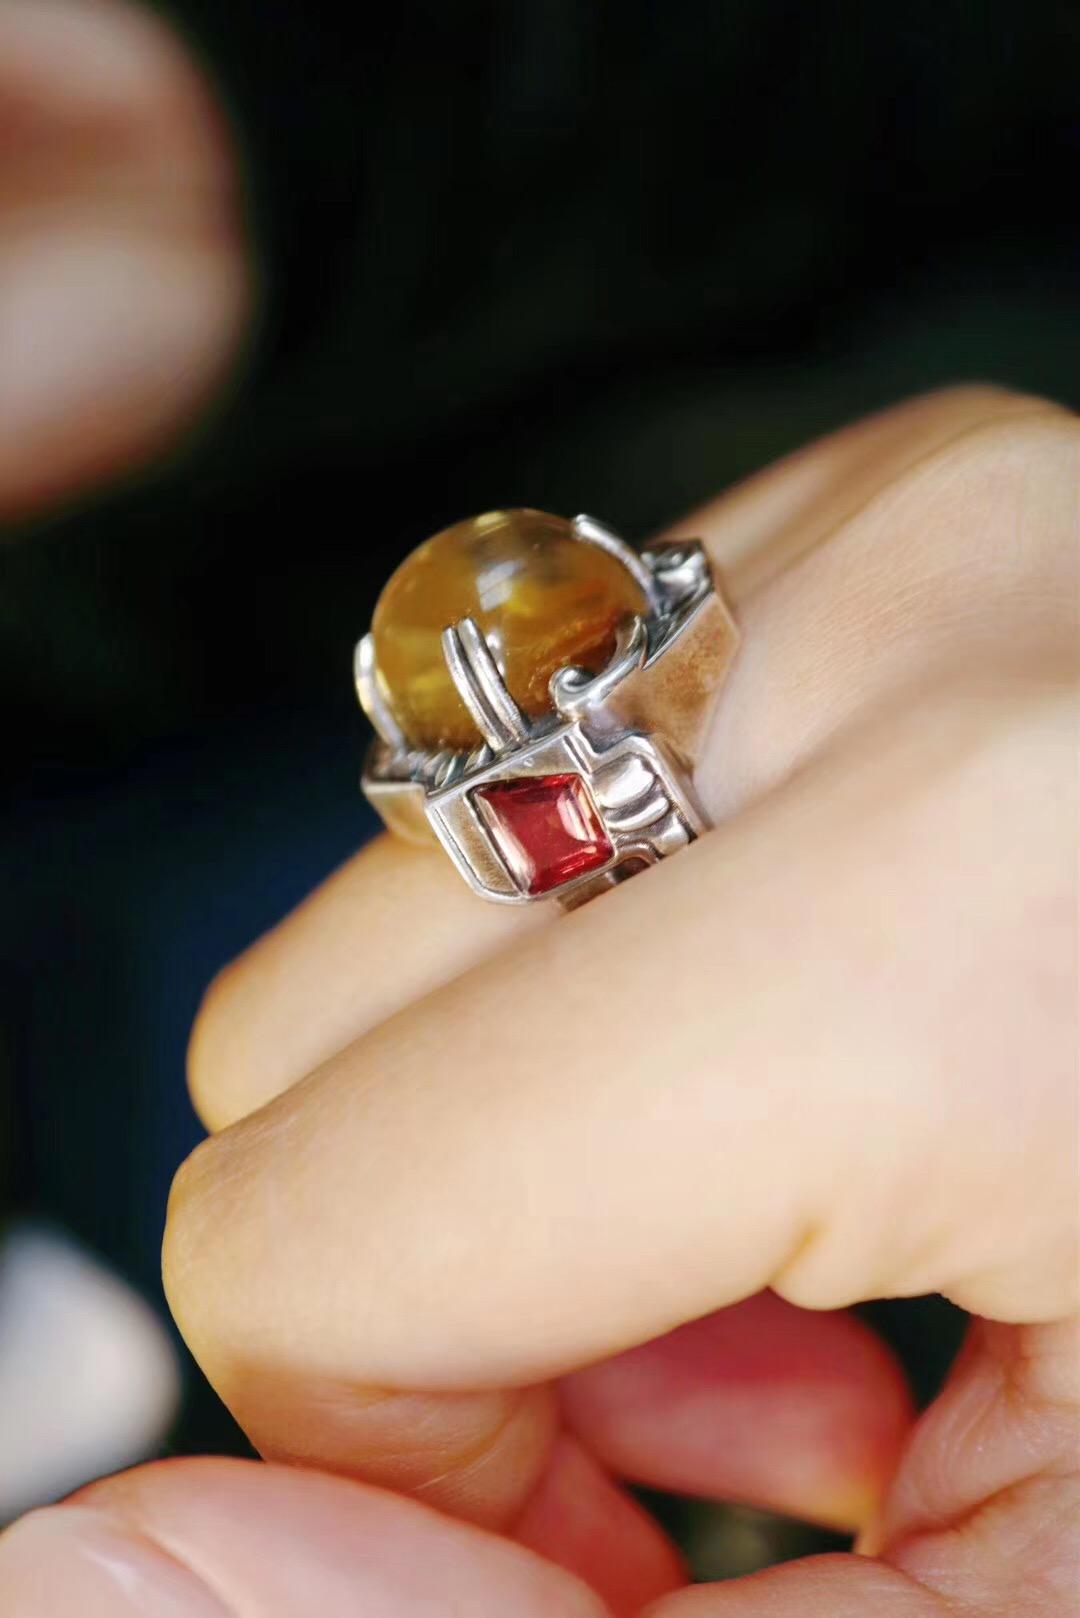 【钛晶&碧玺】代表领导力的钛晶戒指-菩心晶舍